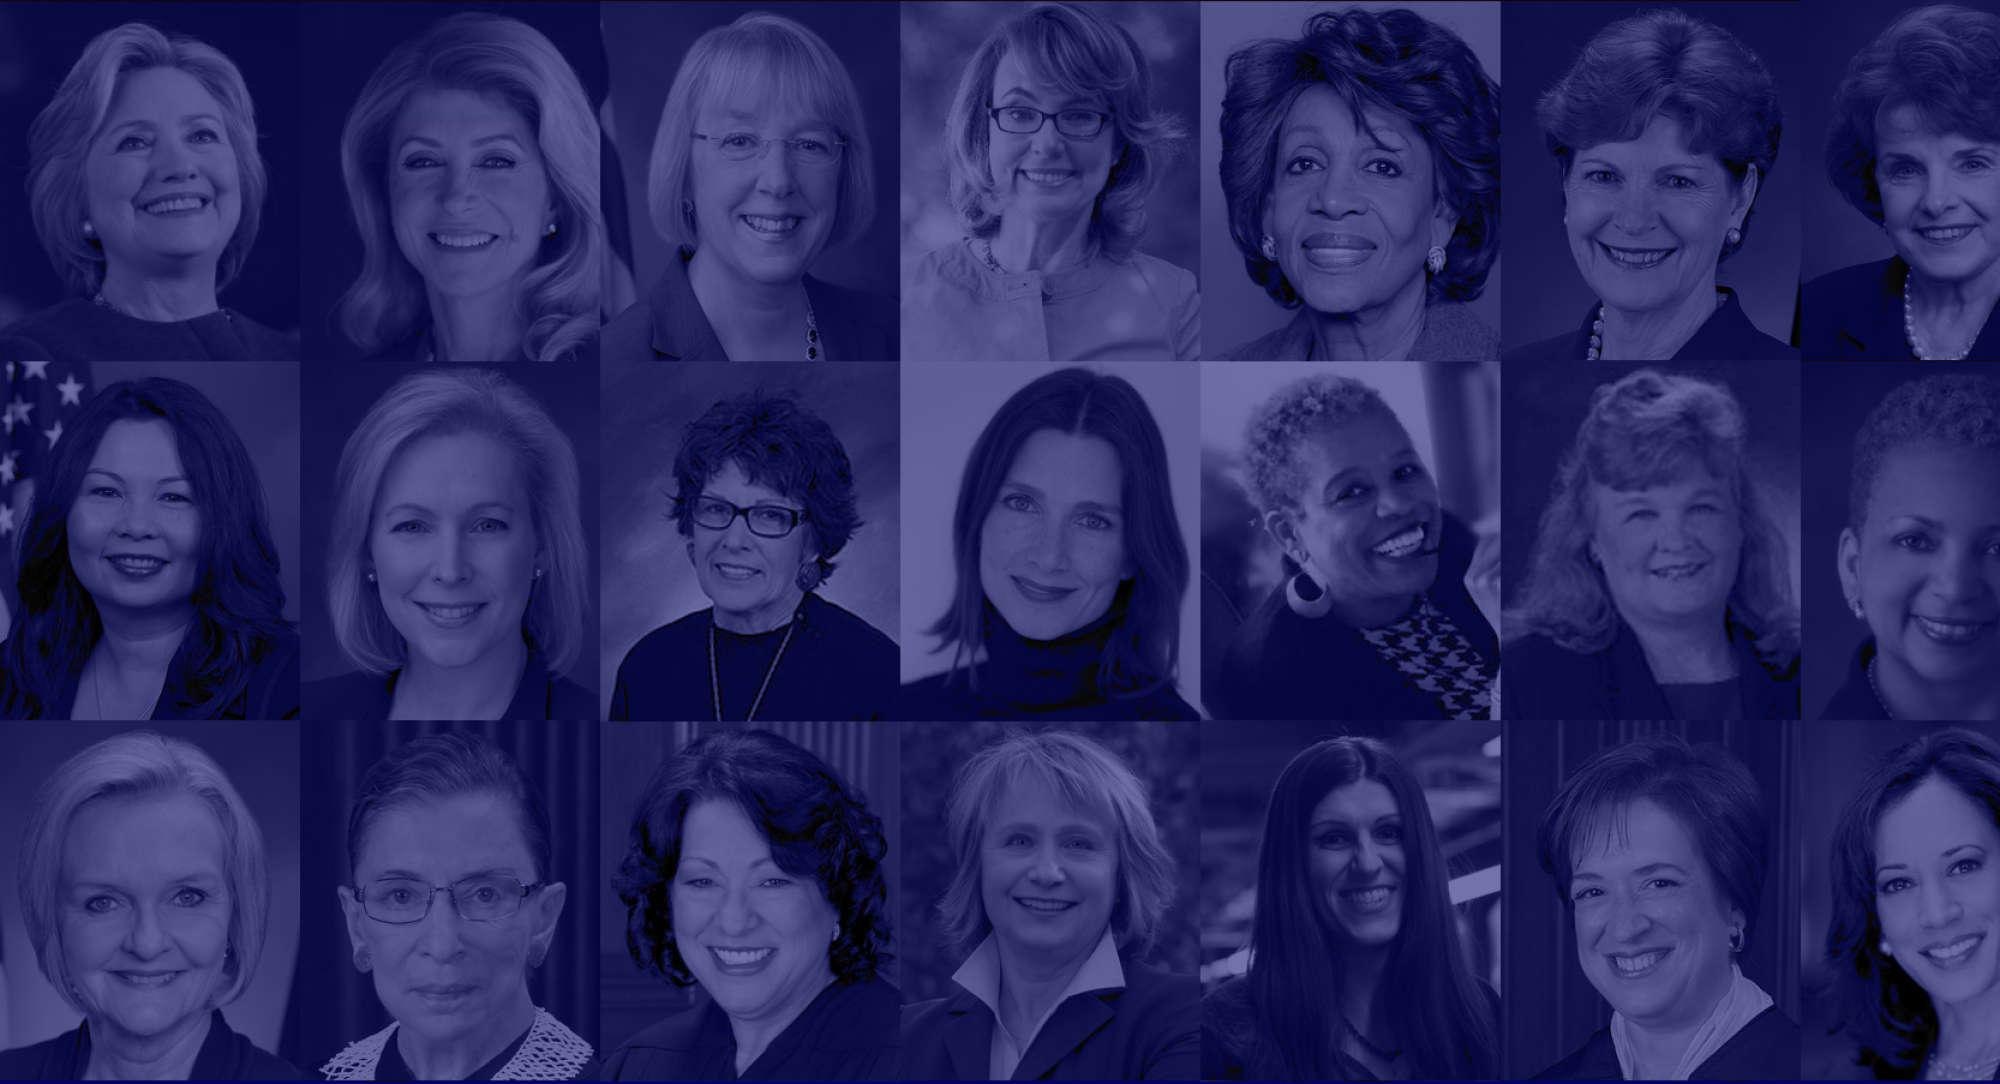 Roanoke Valley Democratic Women